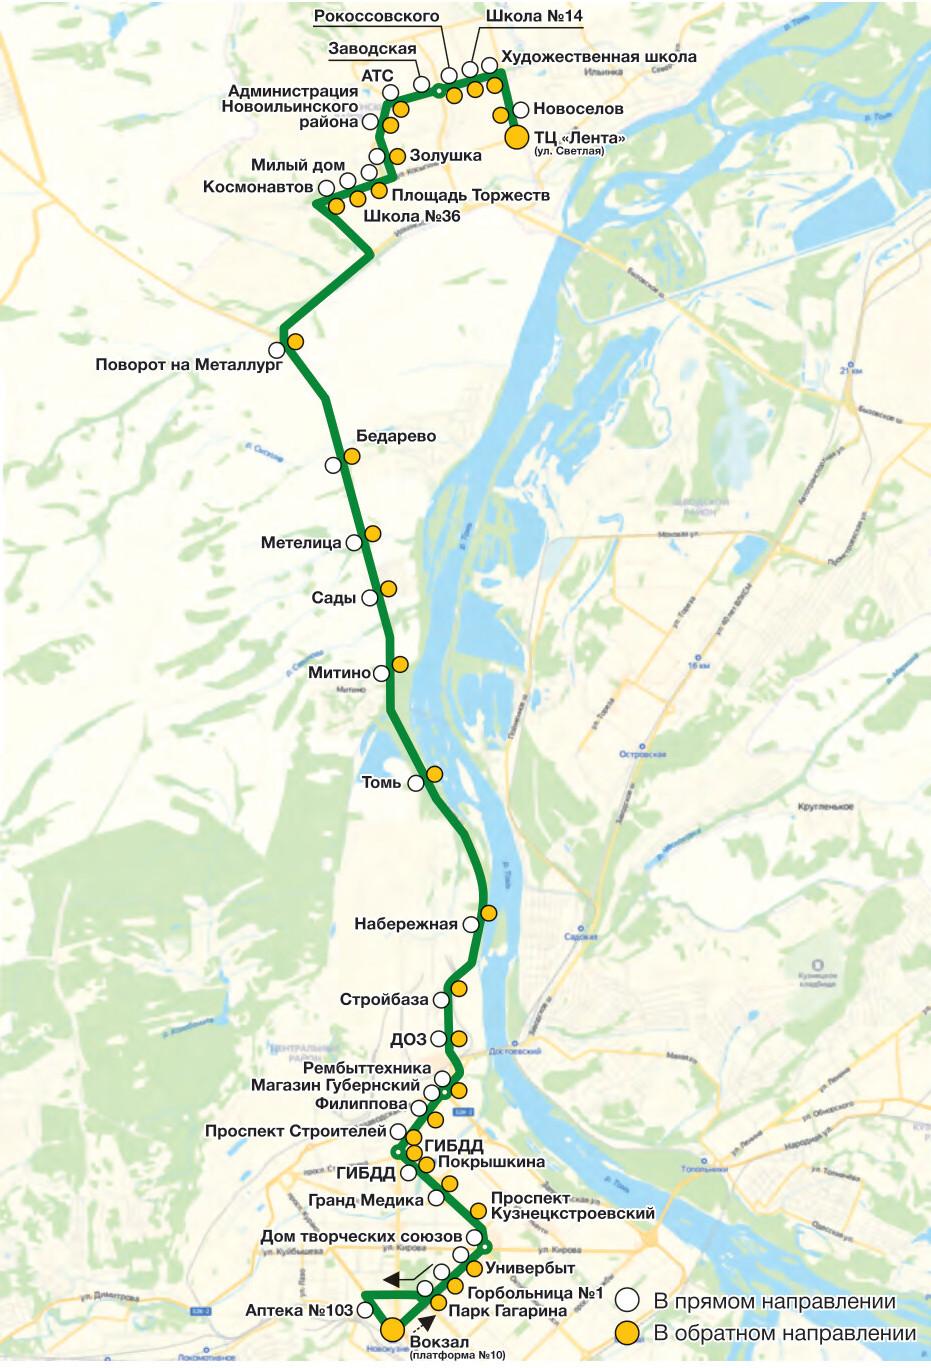 Автобус №80 КОСМОНАВТОВ - ВОКЗАЛ | Карта маршрута